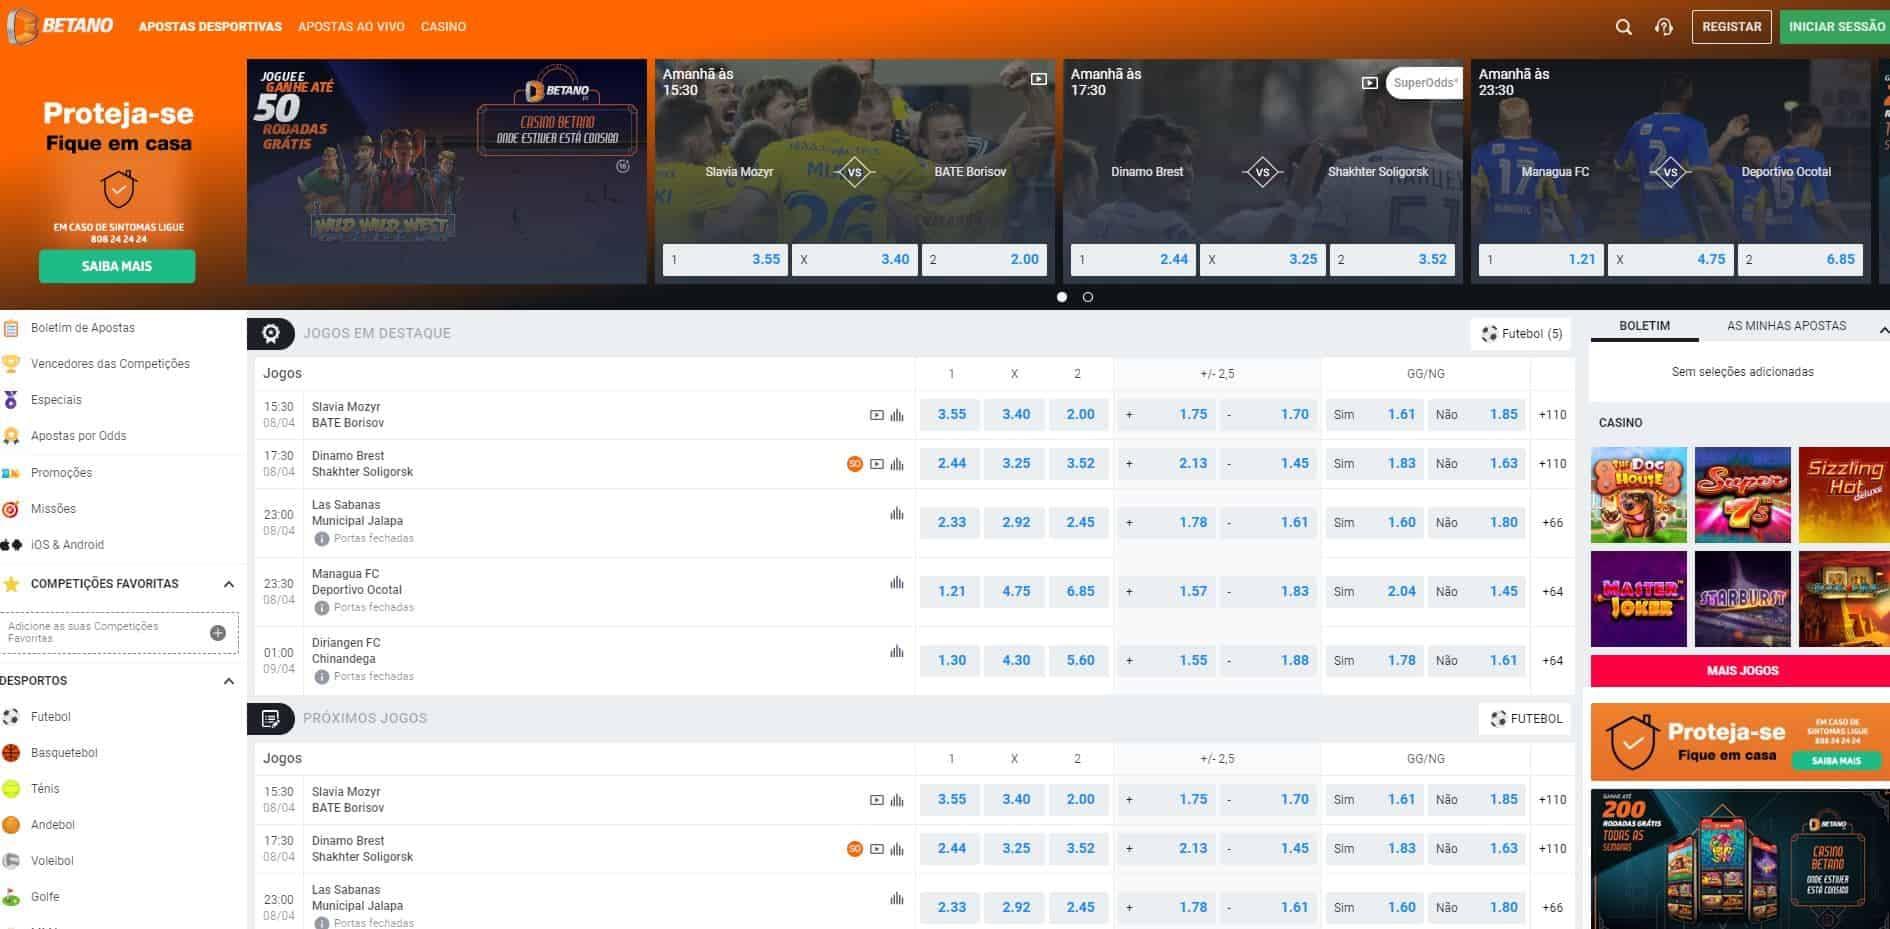 Gama de apostas desportivas disponíveis no Betano